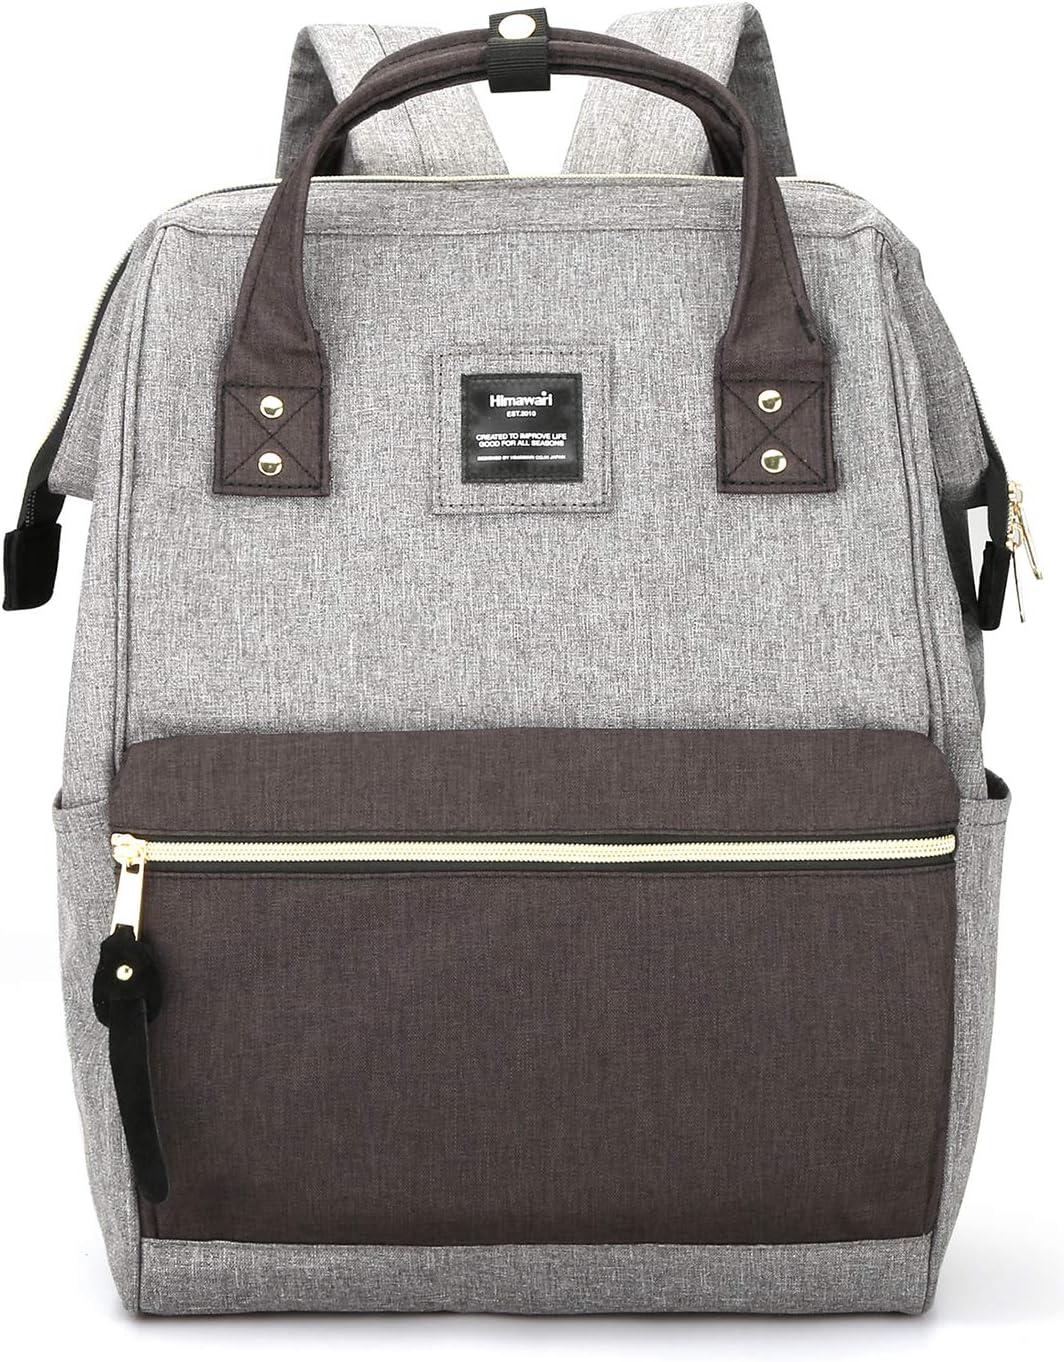 Himawari Laptop Backpack Travel Backpack With USB Charging Port Large Diaper Bag Doctor Bag School Backpack for Women&Men (9001-MSHH)